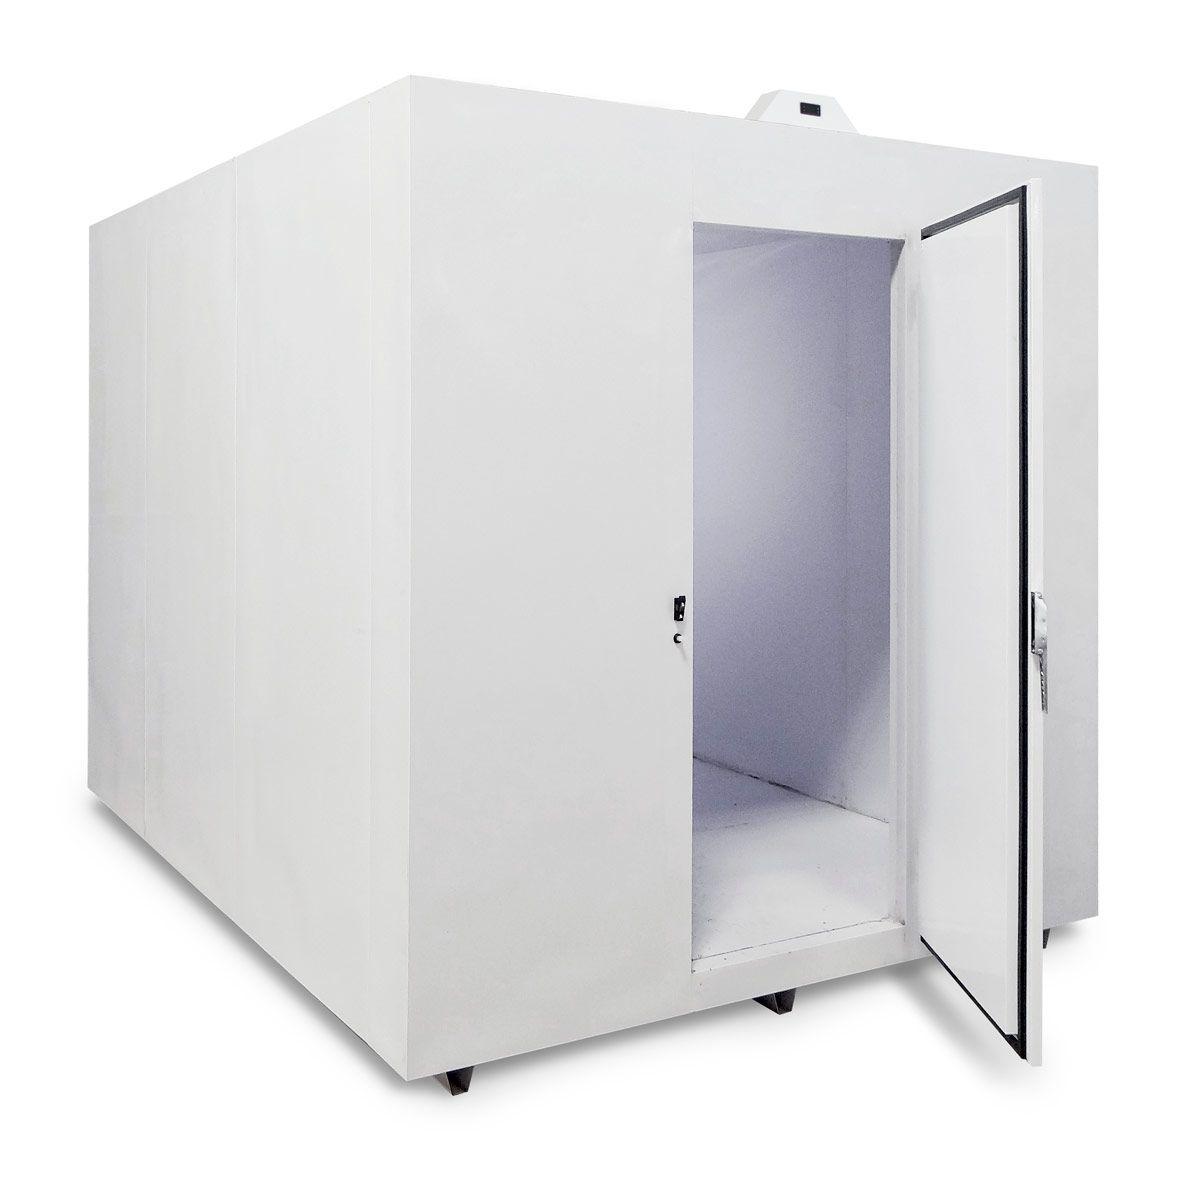 Minicâmara de Painéis Modulares 125 Caixas ou 9600 Litros para Resfriados